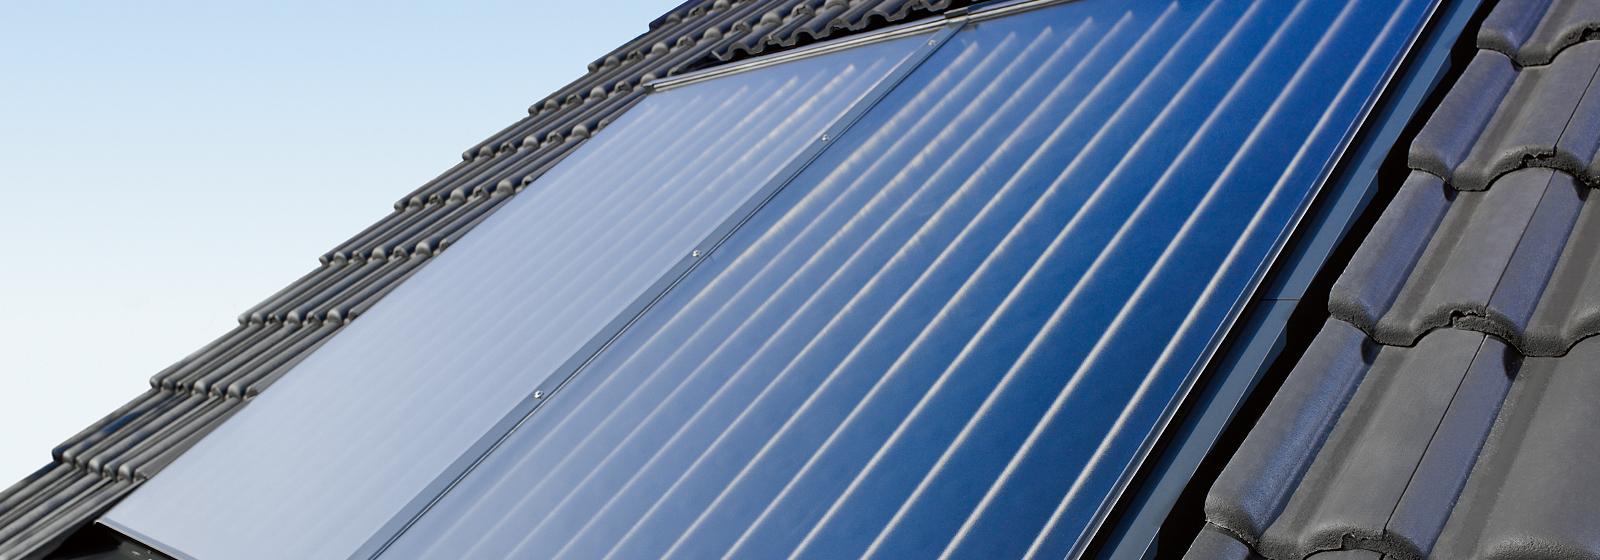 Tecnologia solare termica | Soluzioni professionali, create intorno alle esigenze del Cliente